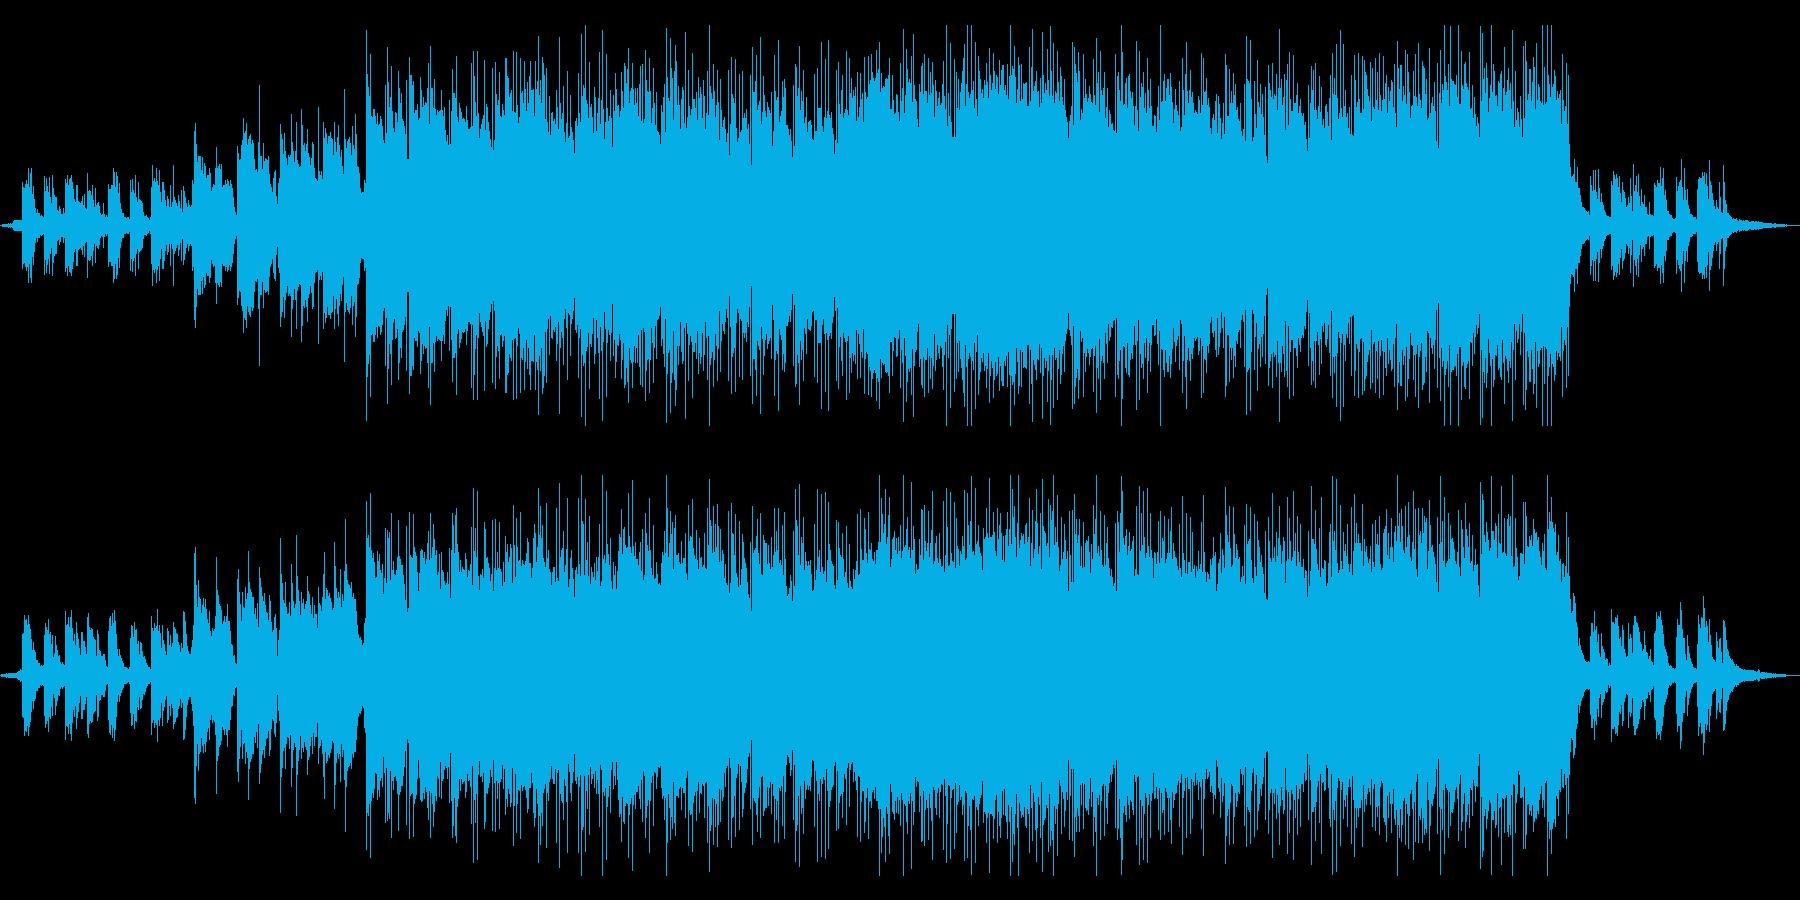 生演奏バイオリン きらきら切ないバラードの再生済みの波形